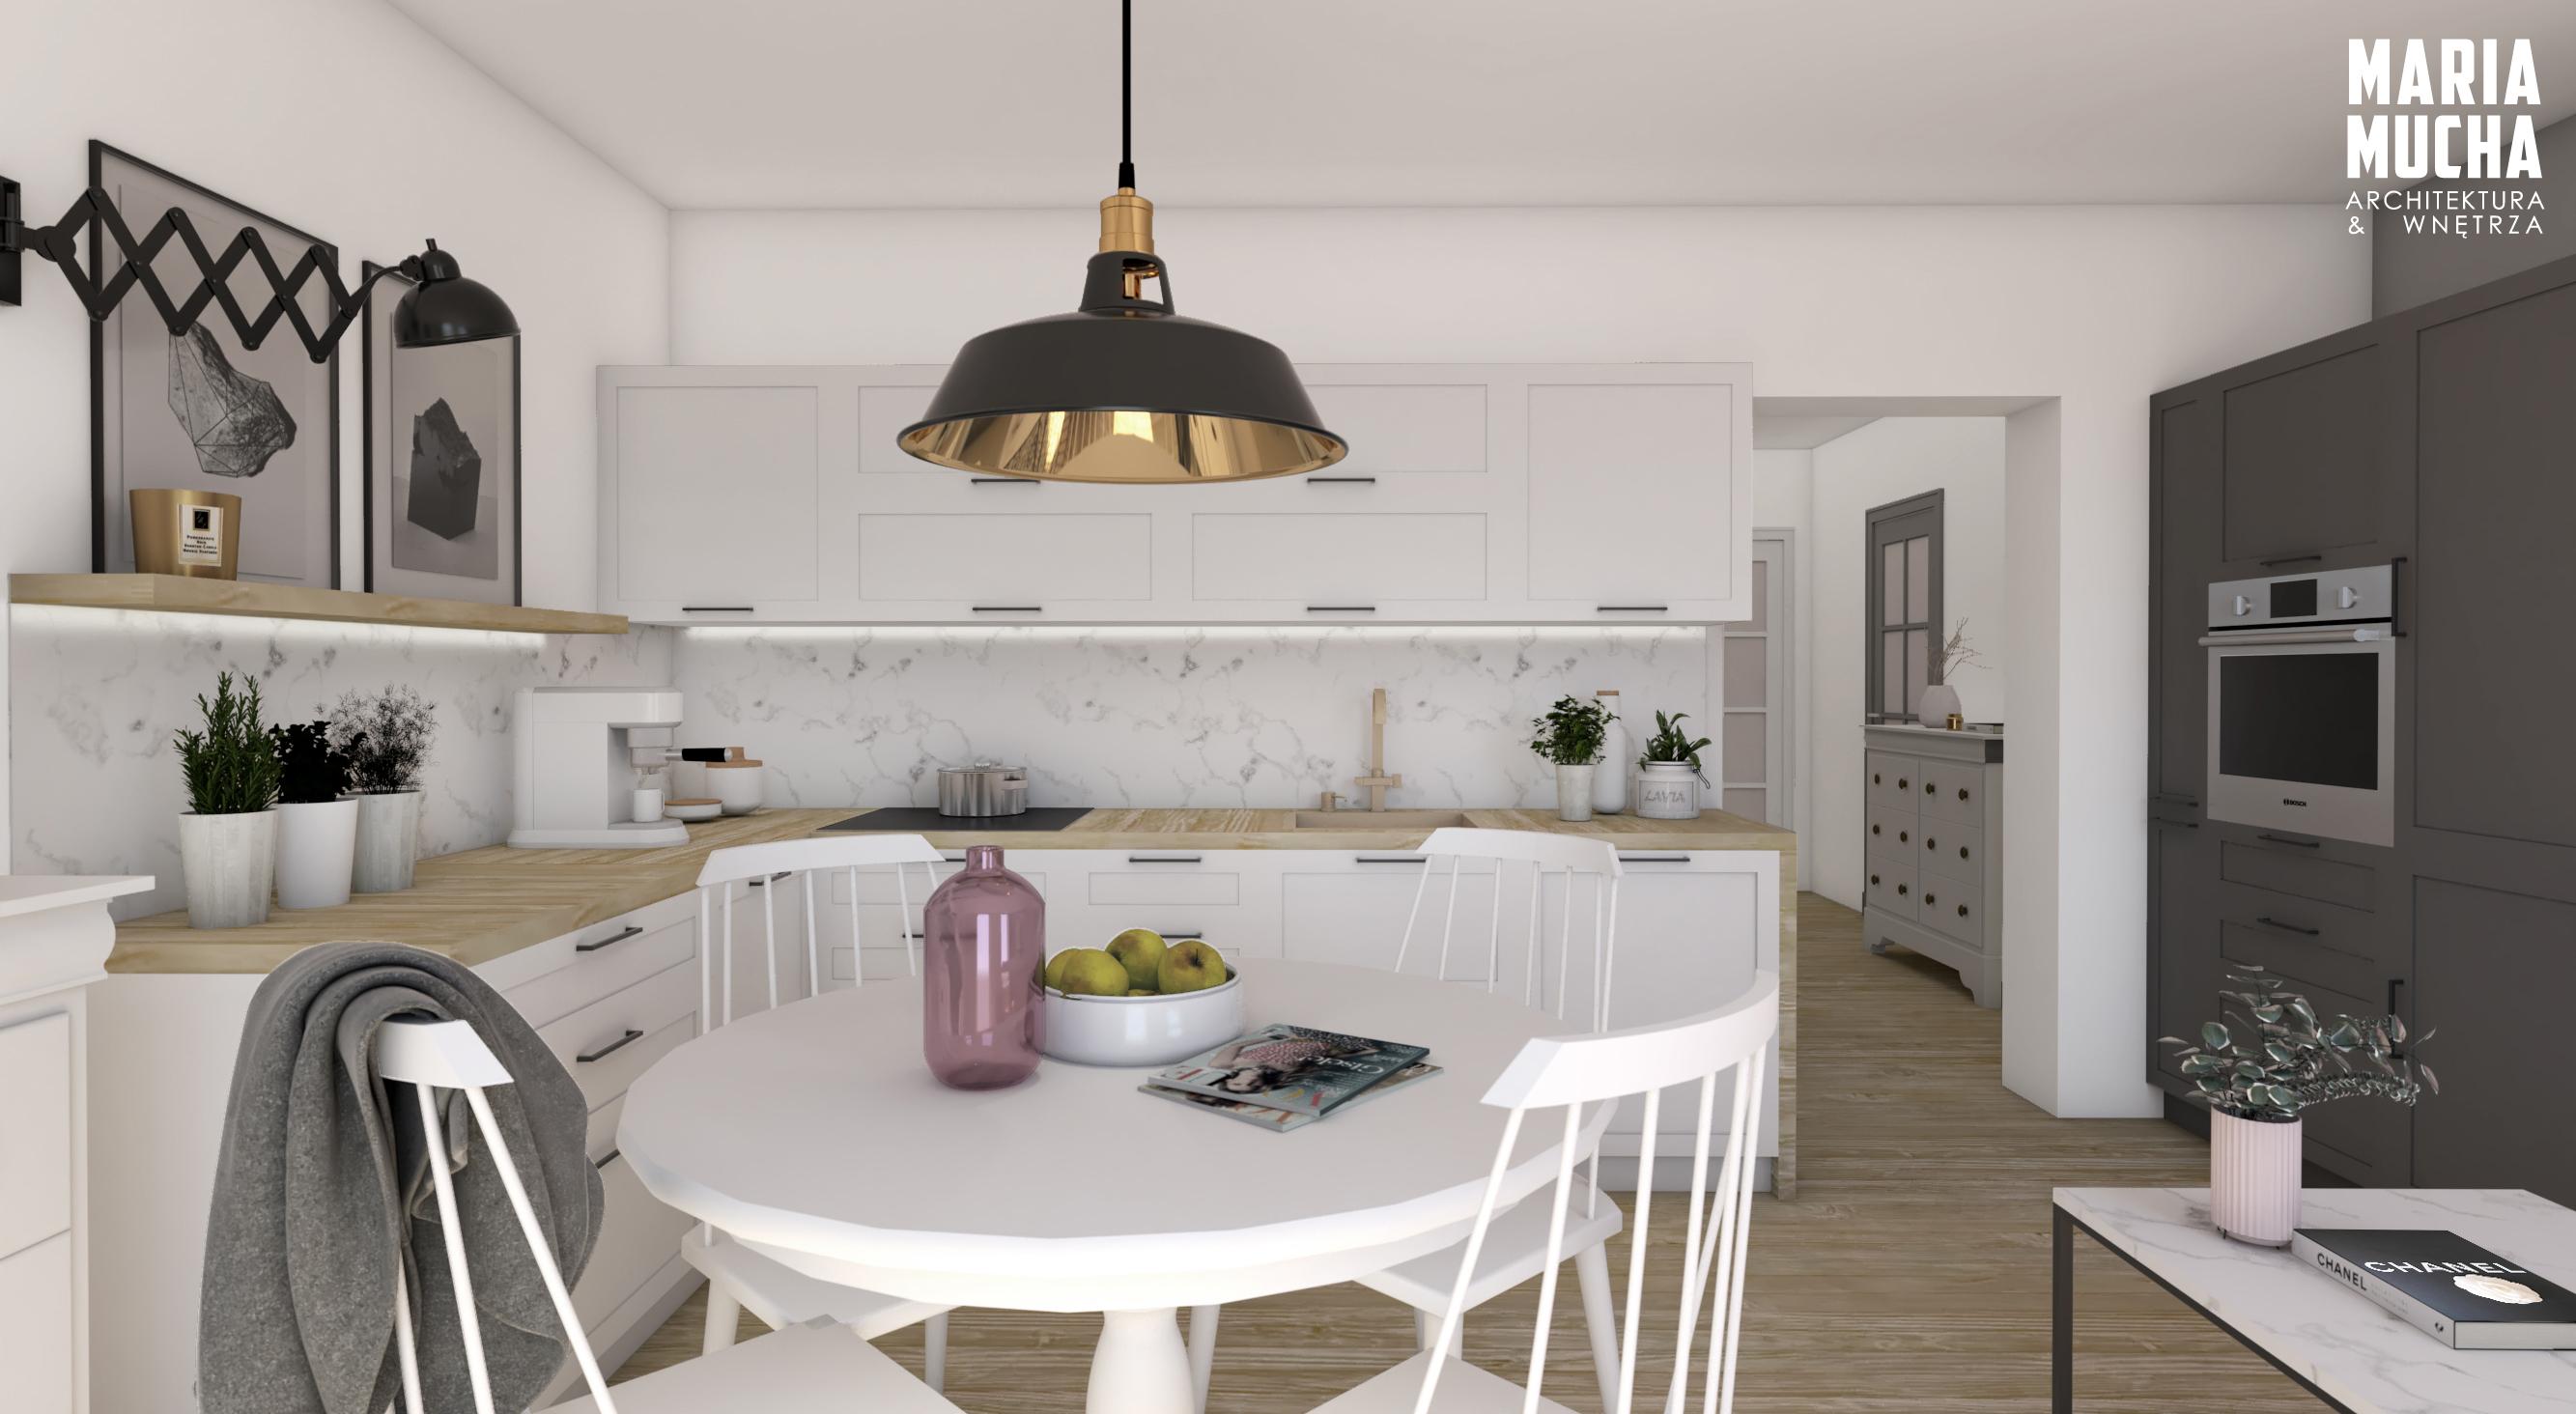 kuchnia w bloku, wizualizacja kuchni, biała kuchnia, ispiracje kuchenne